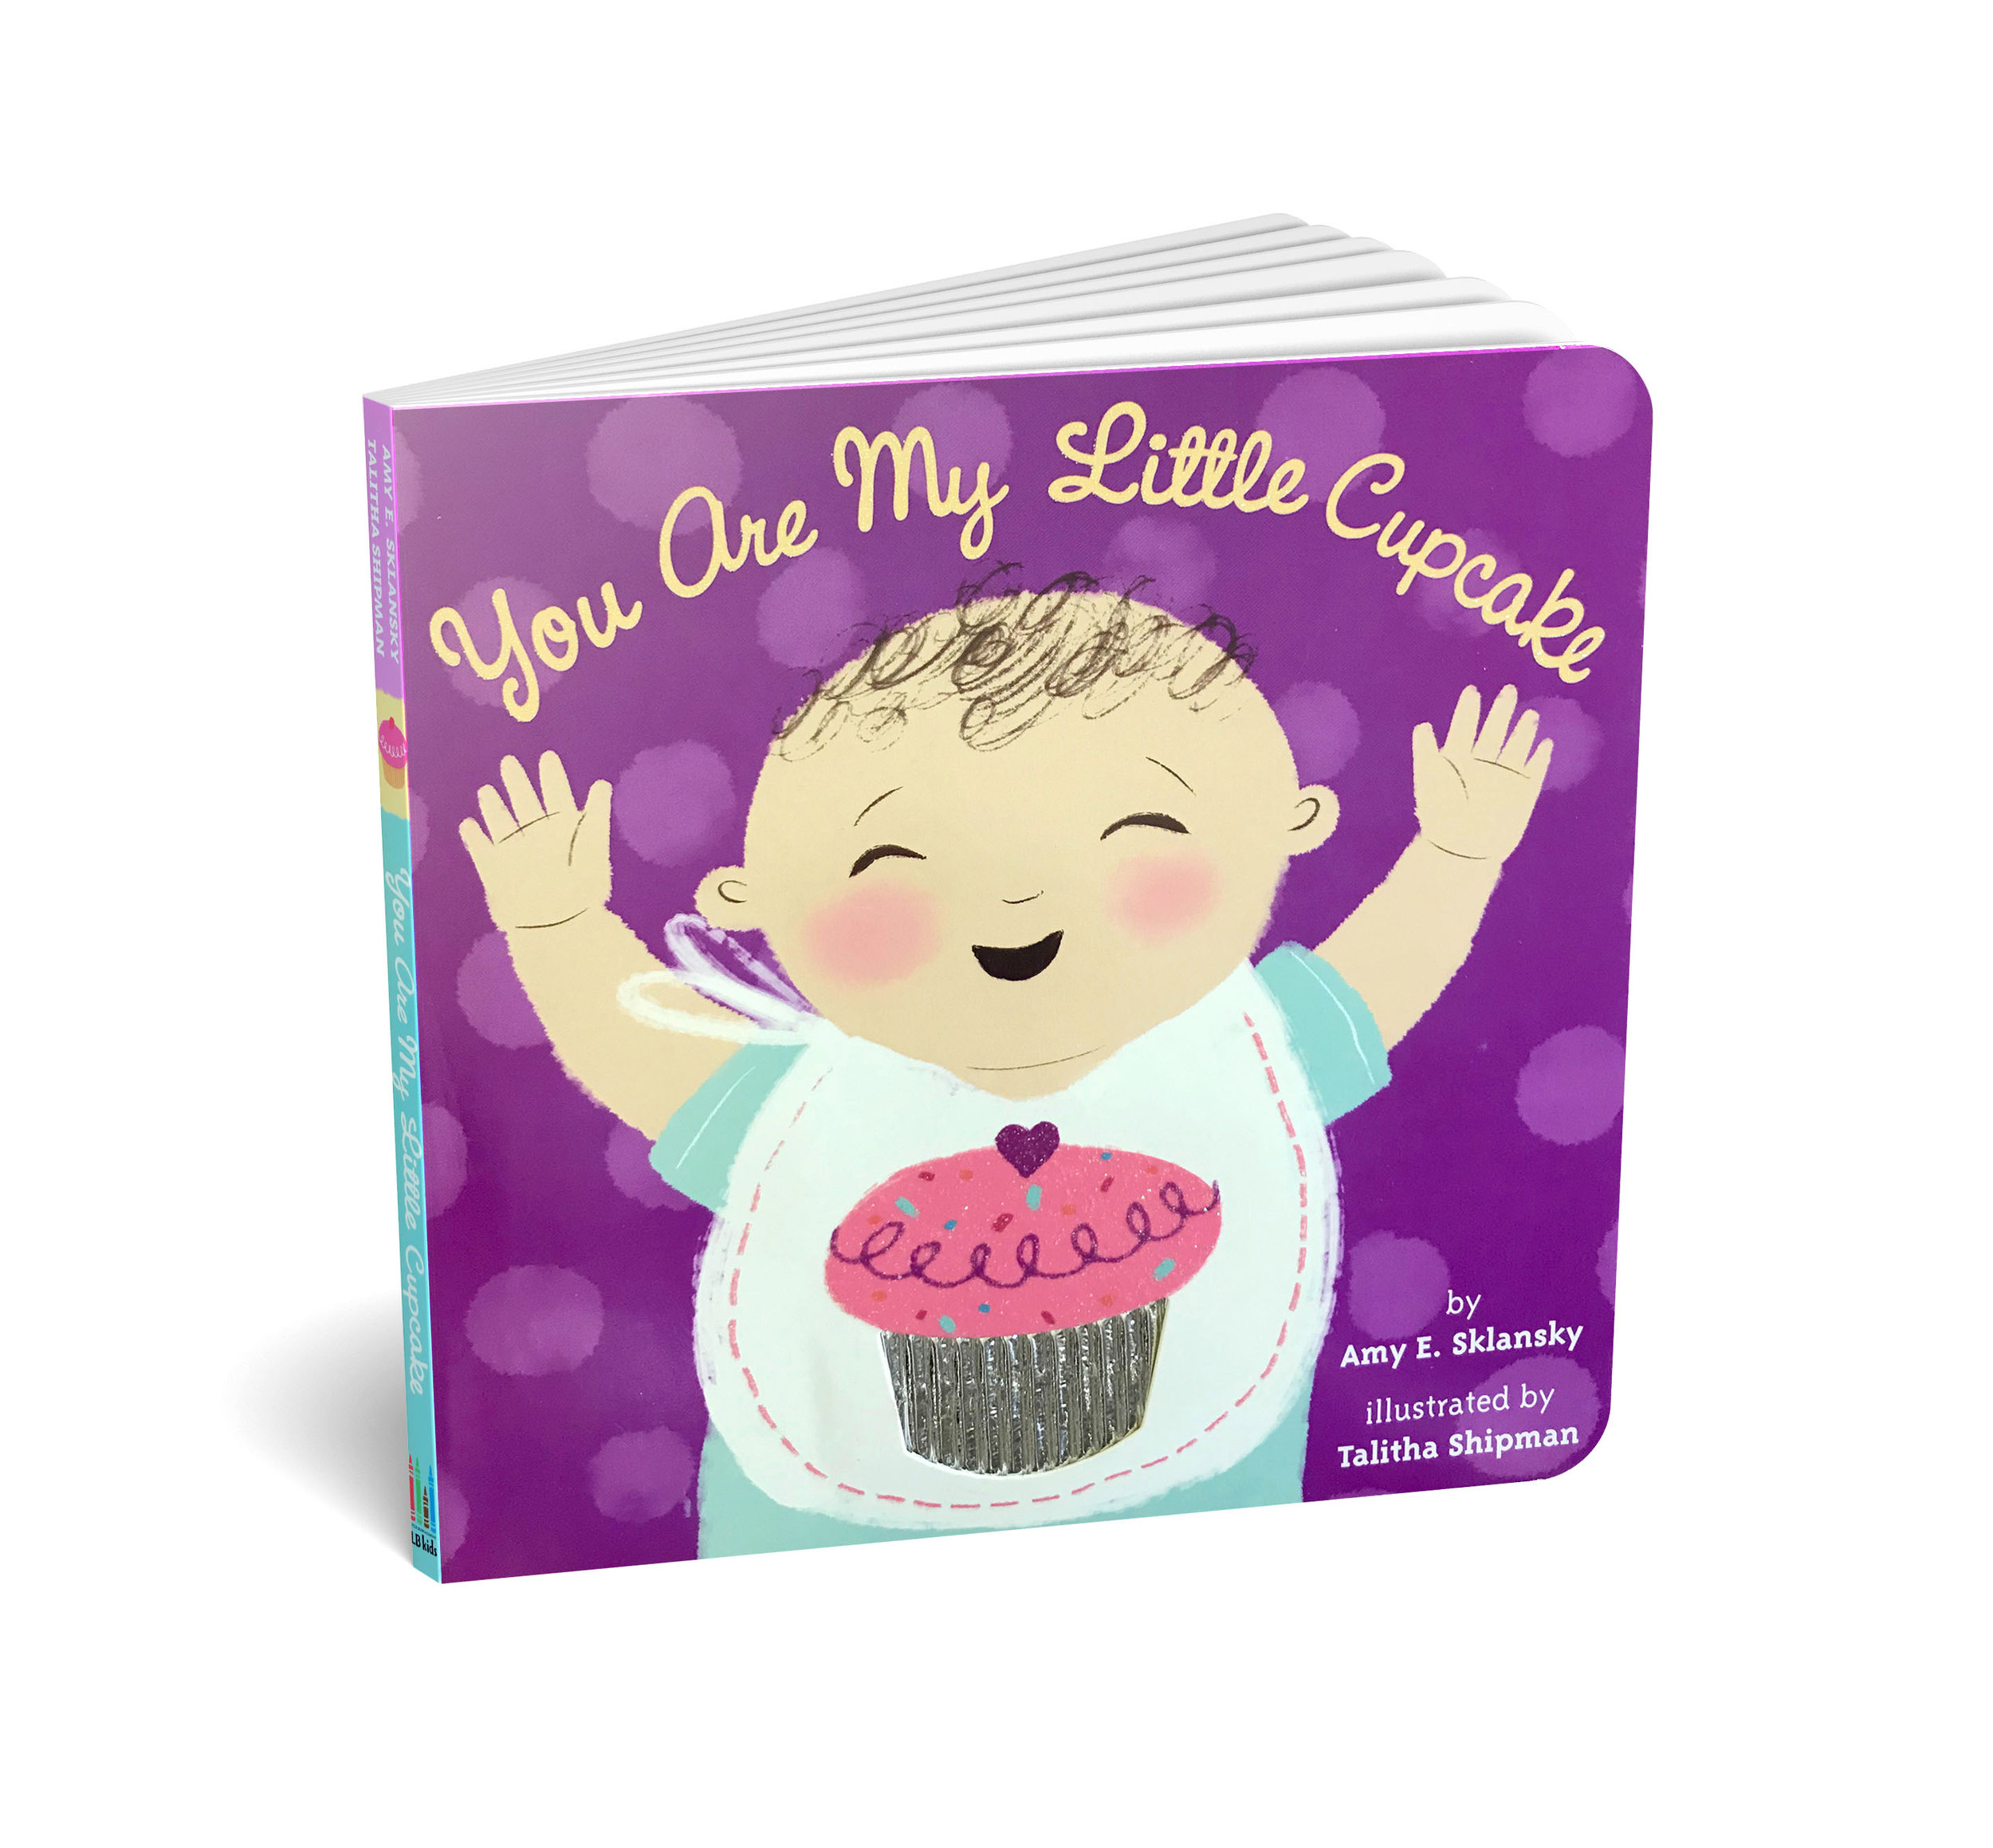 CupcakeMockupSquare LowRes.jpg